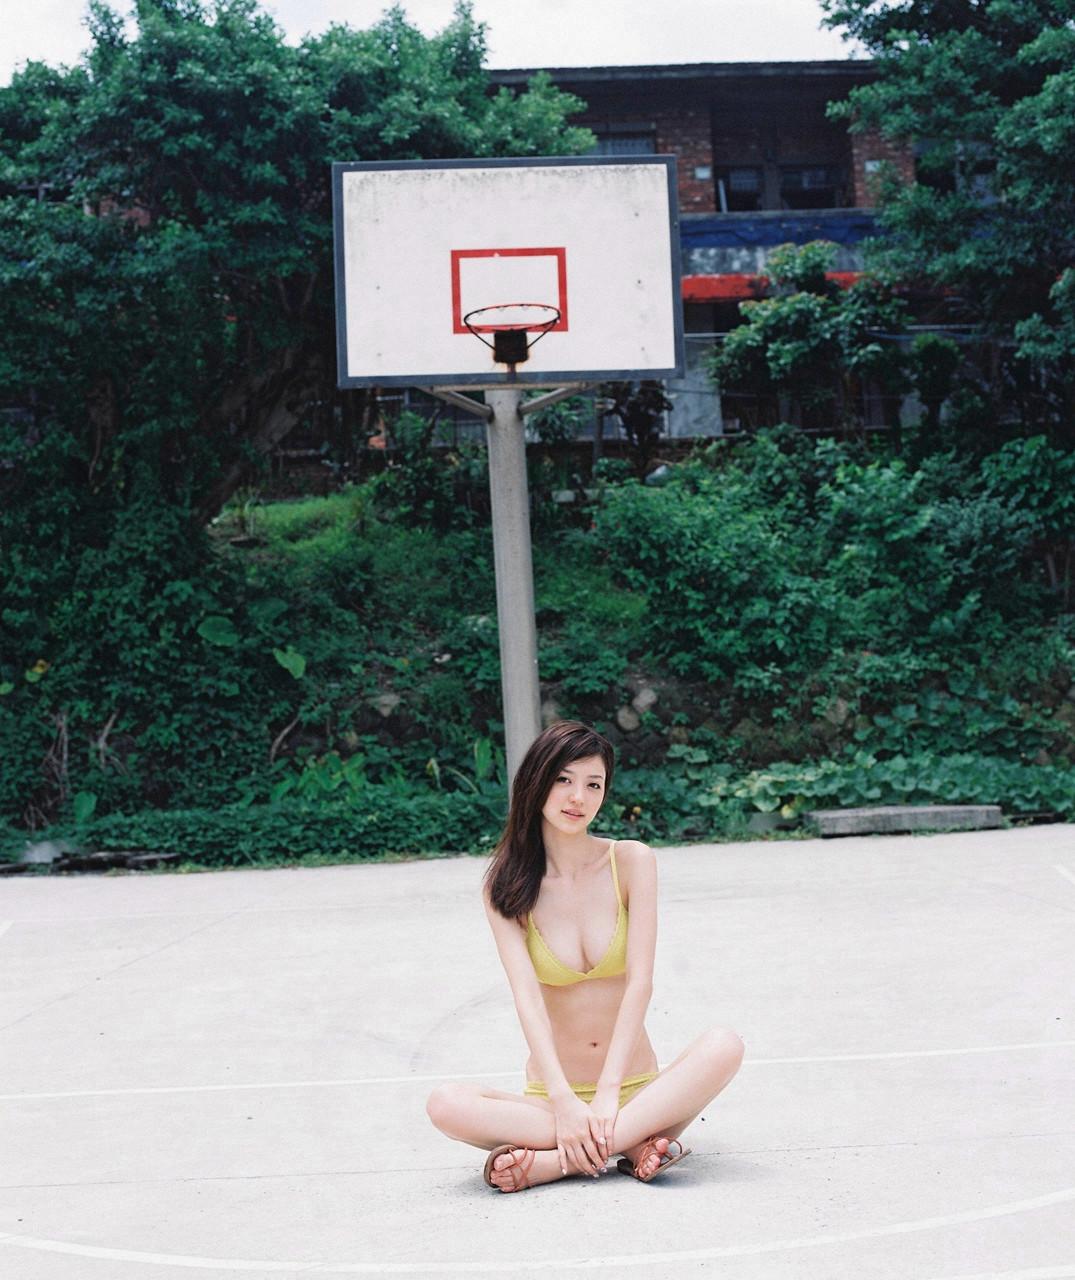 逢沢りな「さよなら、美少女」グラビア 07-07